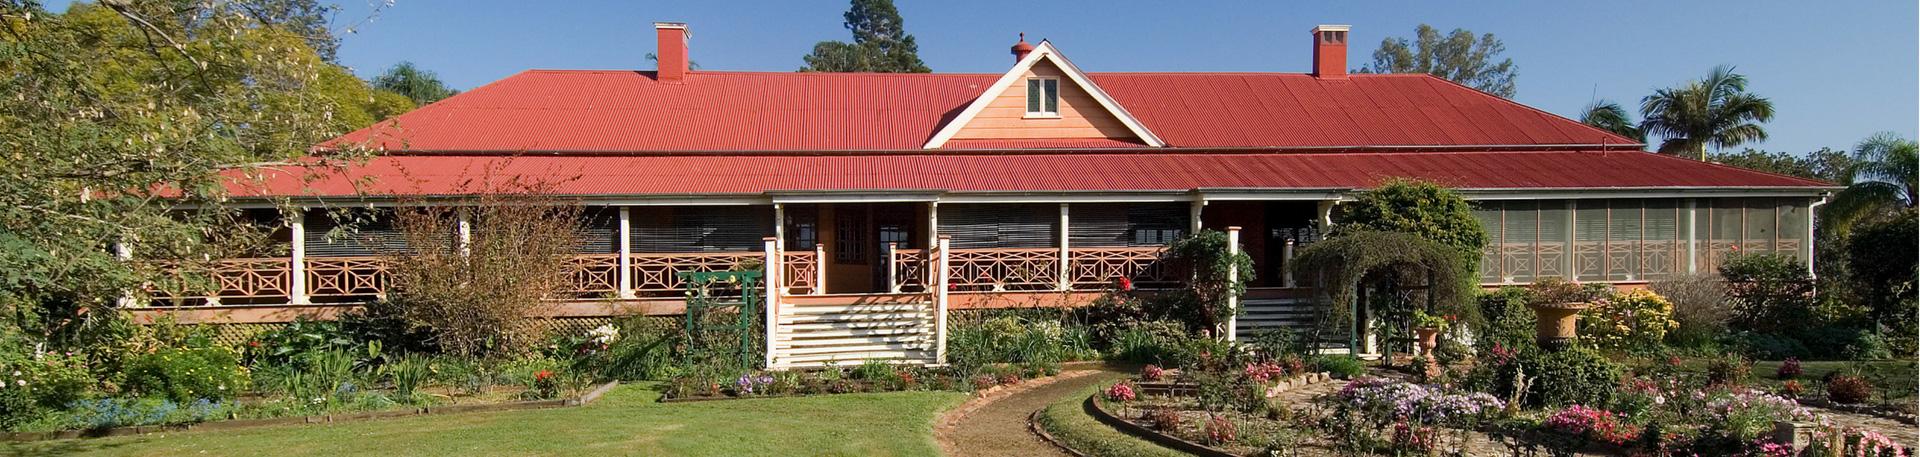 Nindooinbah House